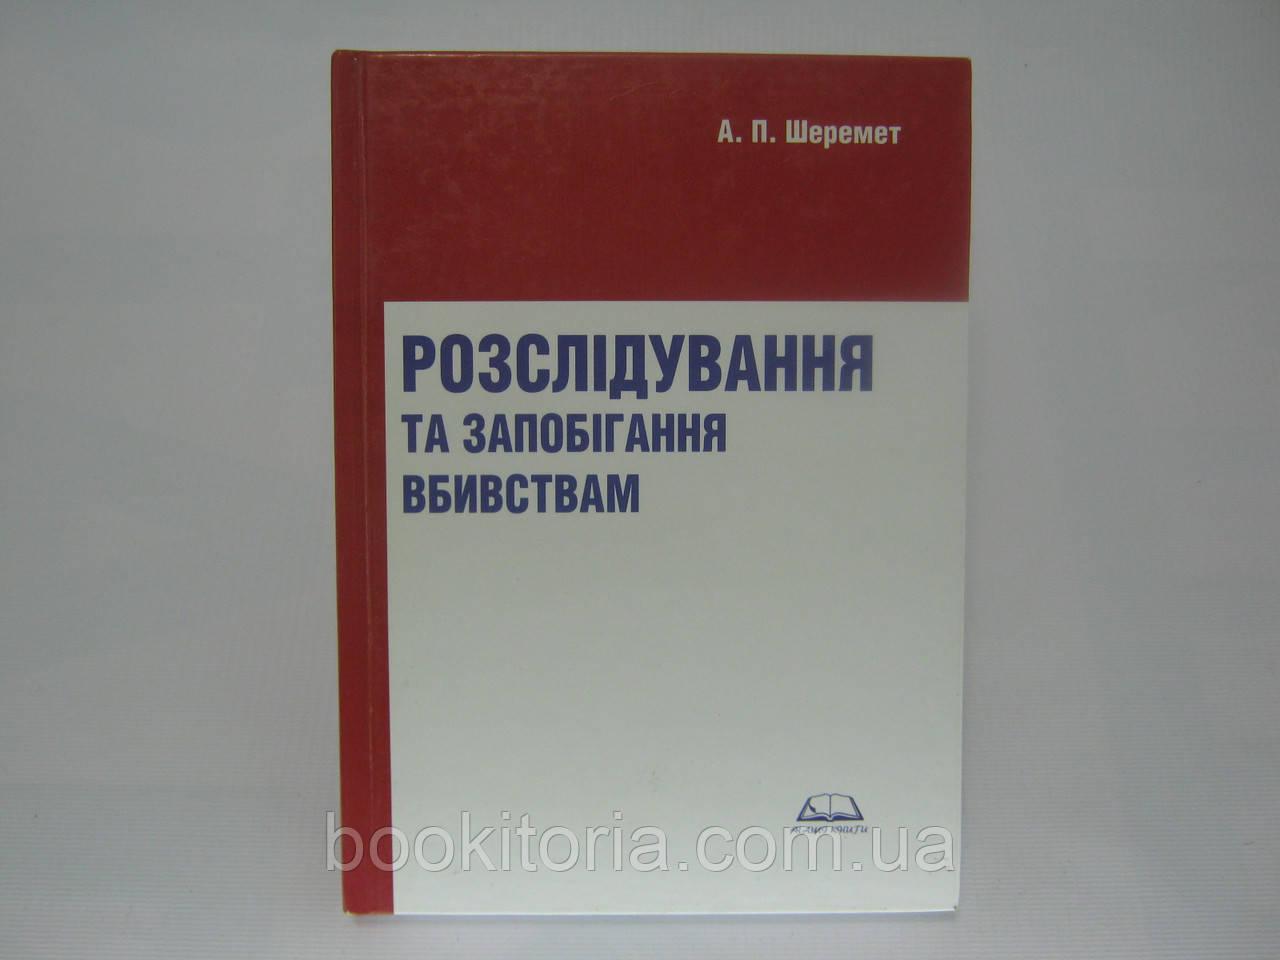 Шеремет А.П. Розслідування та запобігання вбивствам (б/у).